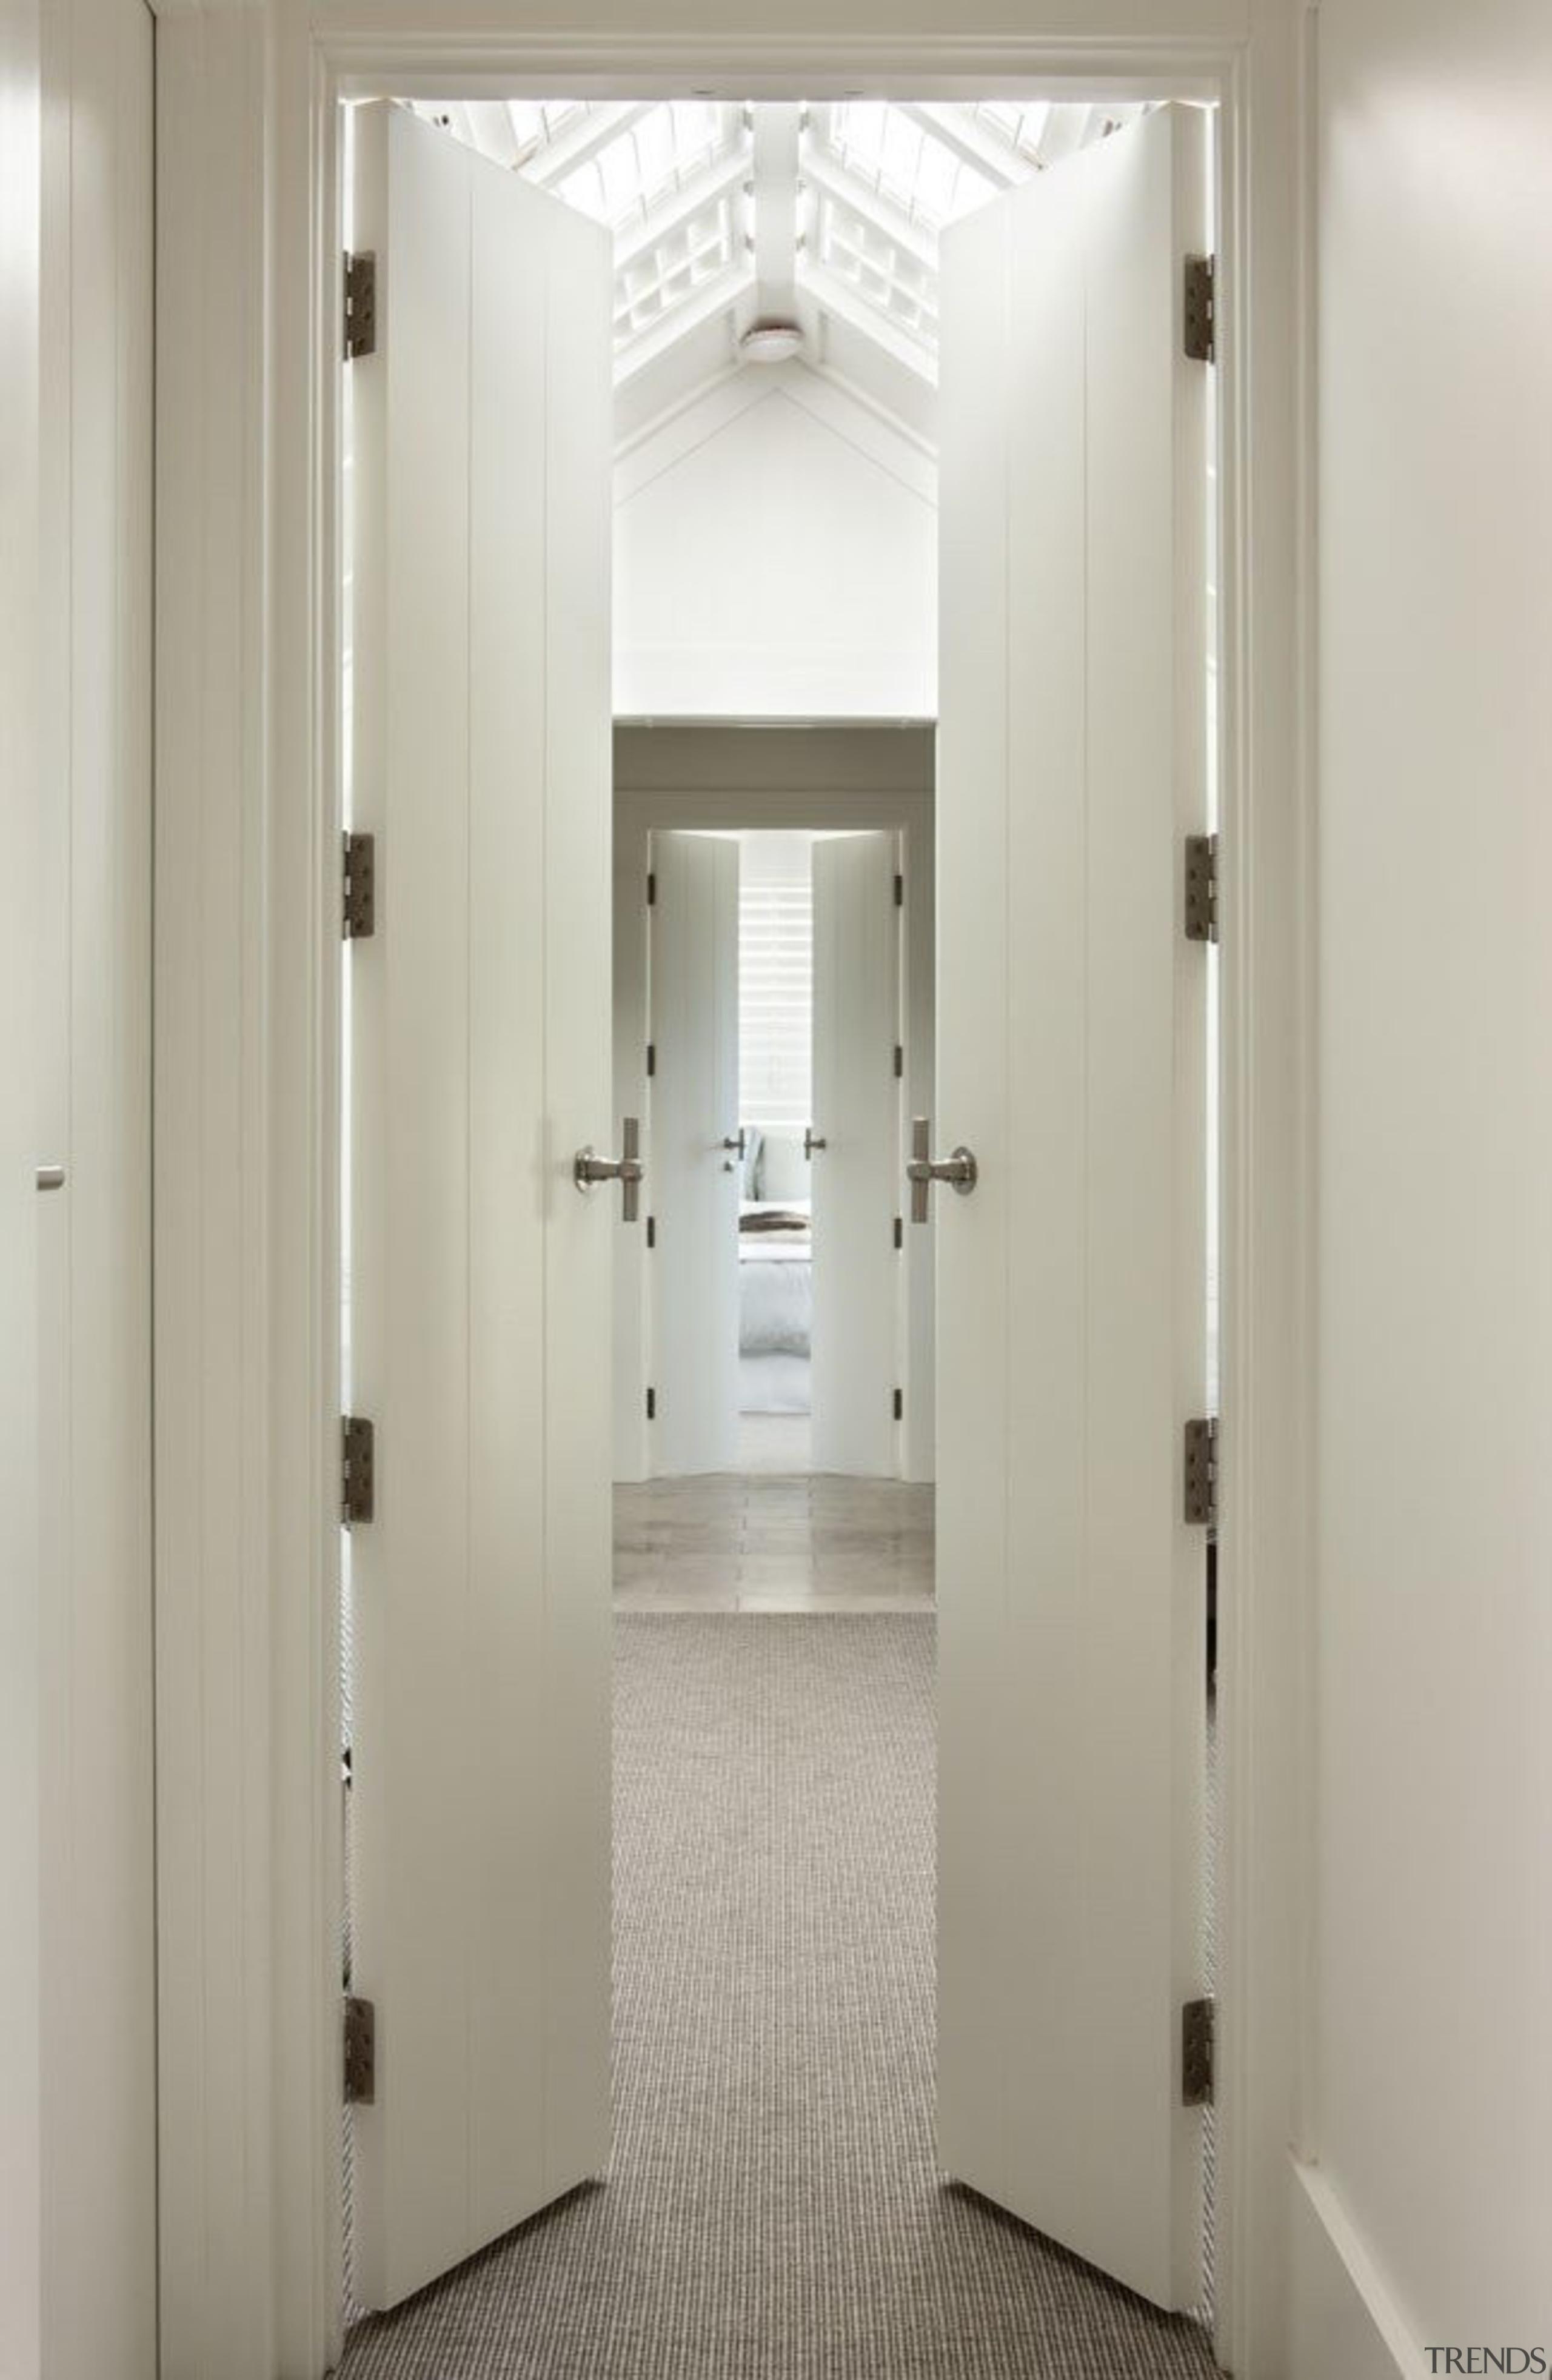 Formani Ferrovia exclusive to www.sopersmac.co.nz - Formani Ferrovia door, floor, flooring, interior design, gray